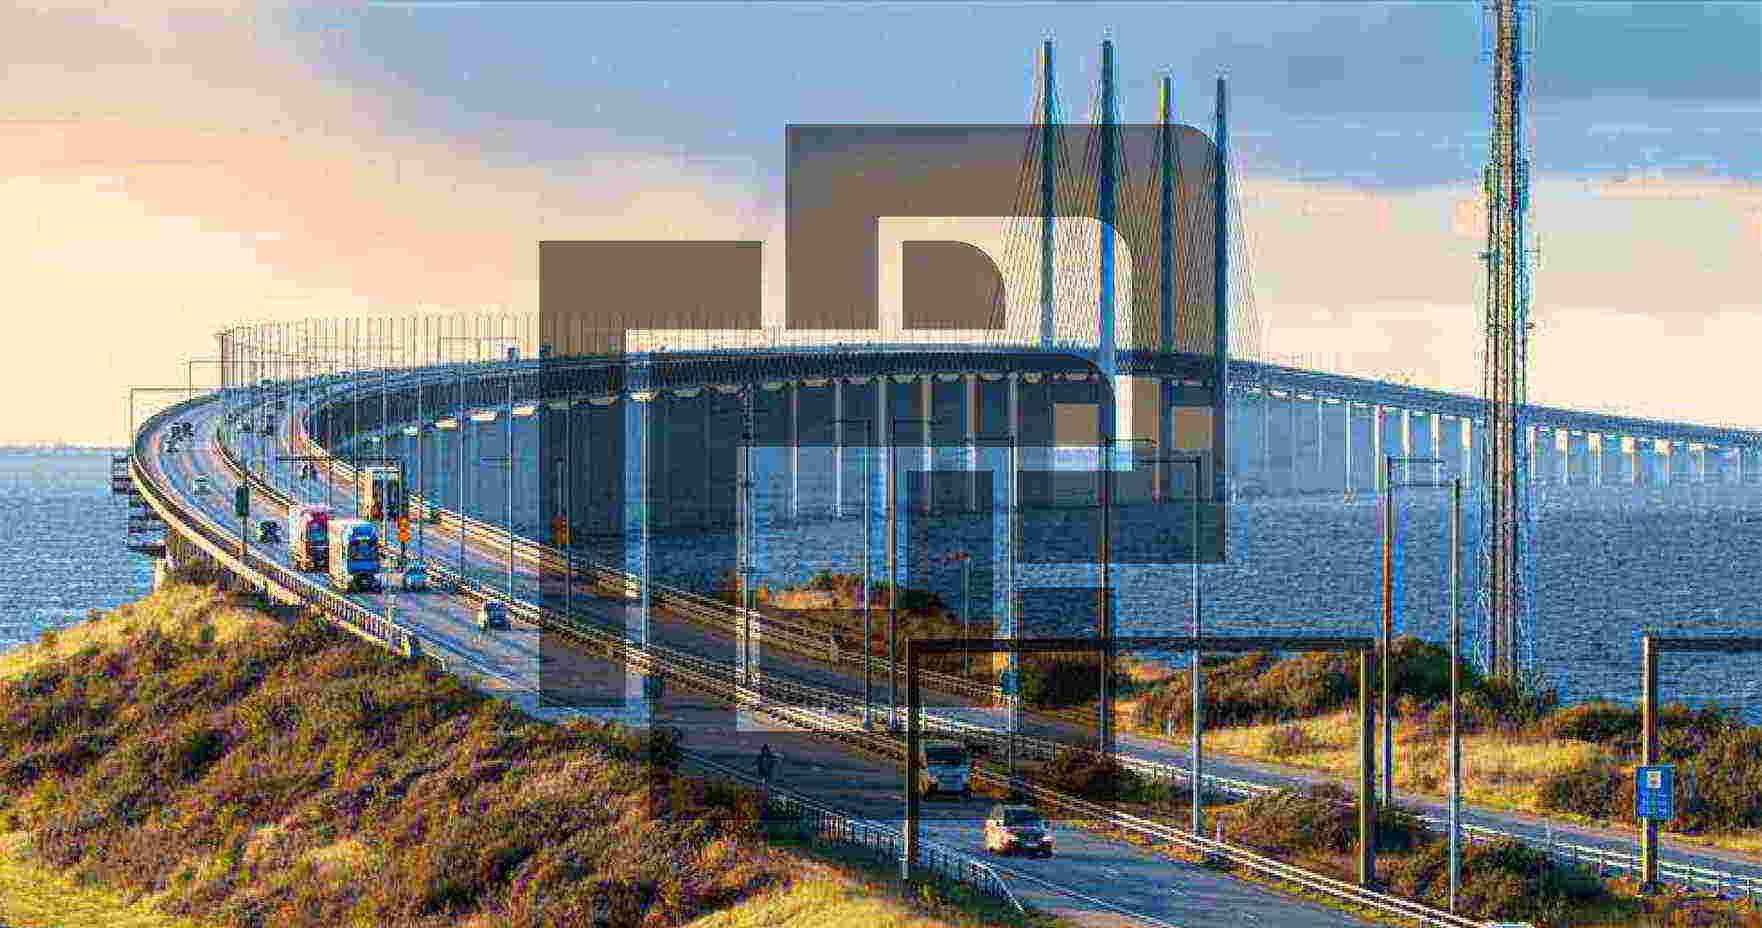 پل سازی با فولاد حاوی نیوبیوم